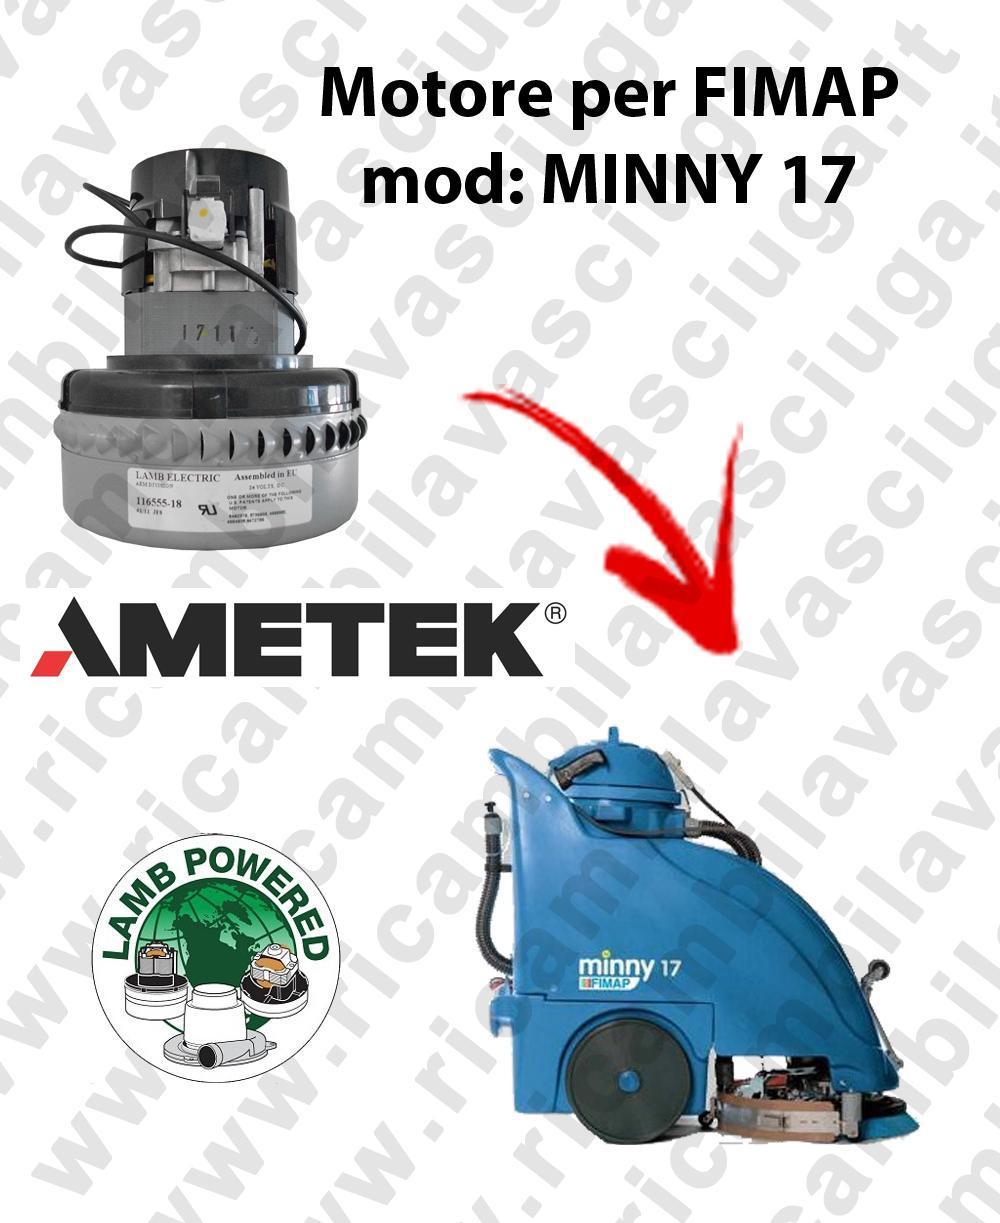 MINNY 17 Saugmotor AMETEK für scheuersaugmaschinen FIMAP